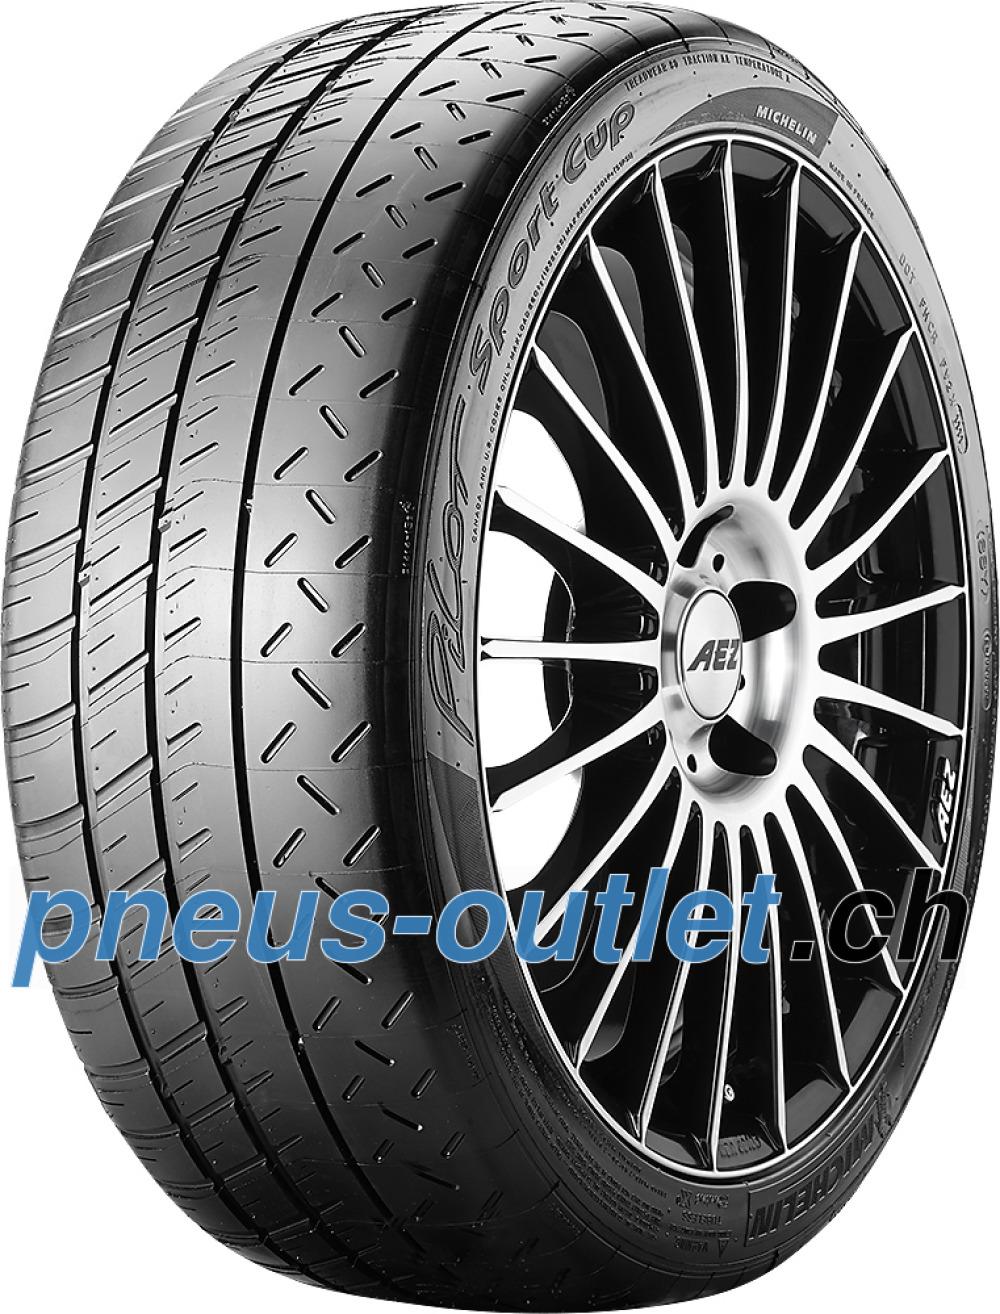 Michelin Pilot Sport Cup ( 295/30 ZR18 (94Y) avec rebord protecteur de jante (FSL) )